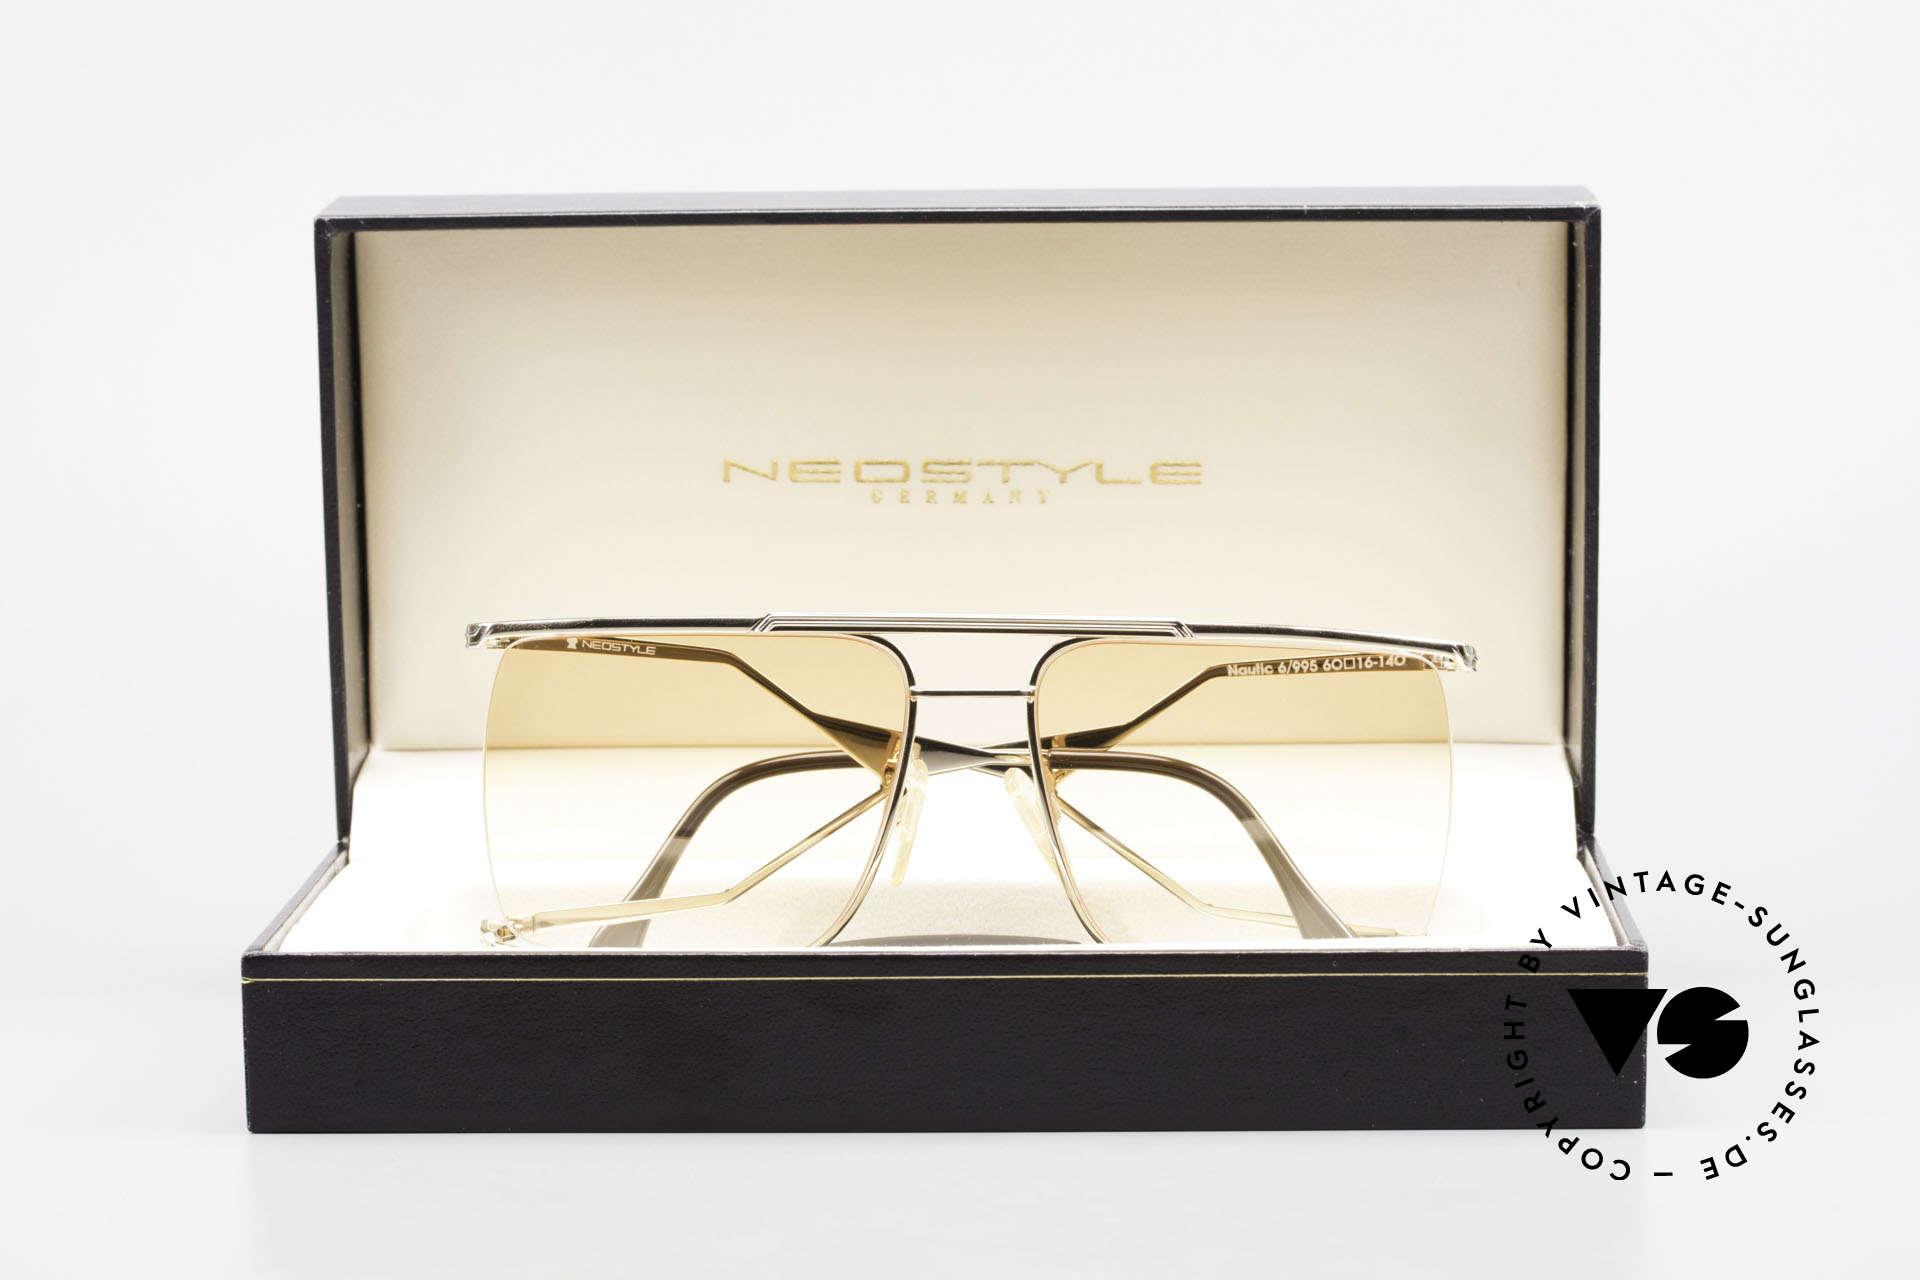 Neostyle Nautic 6 Miami Vice Vintage Brille 80er, Größe: large, Passend für Herren